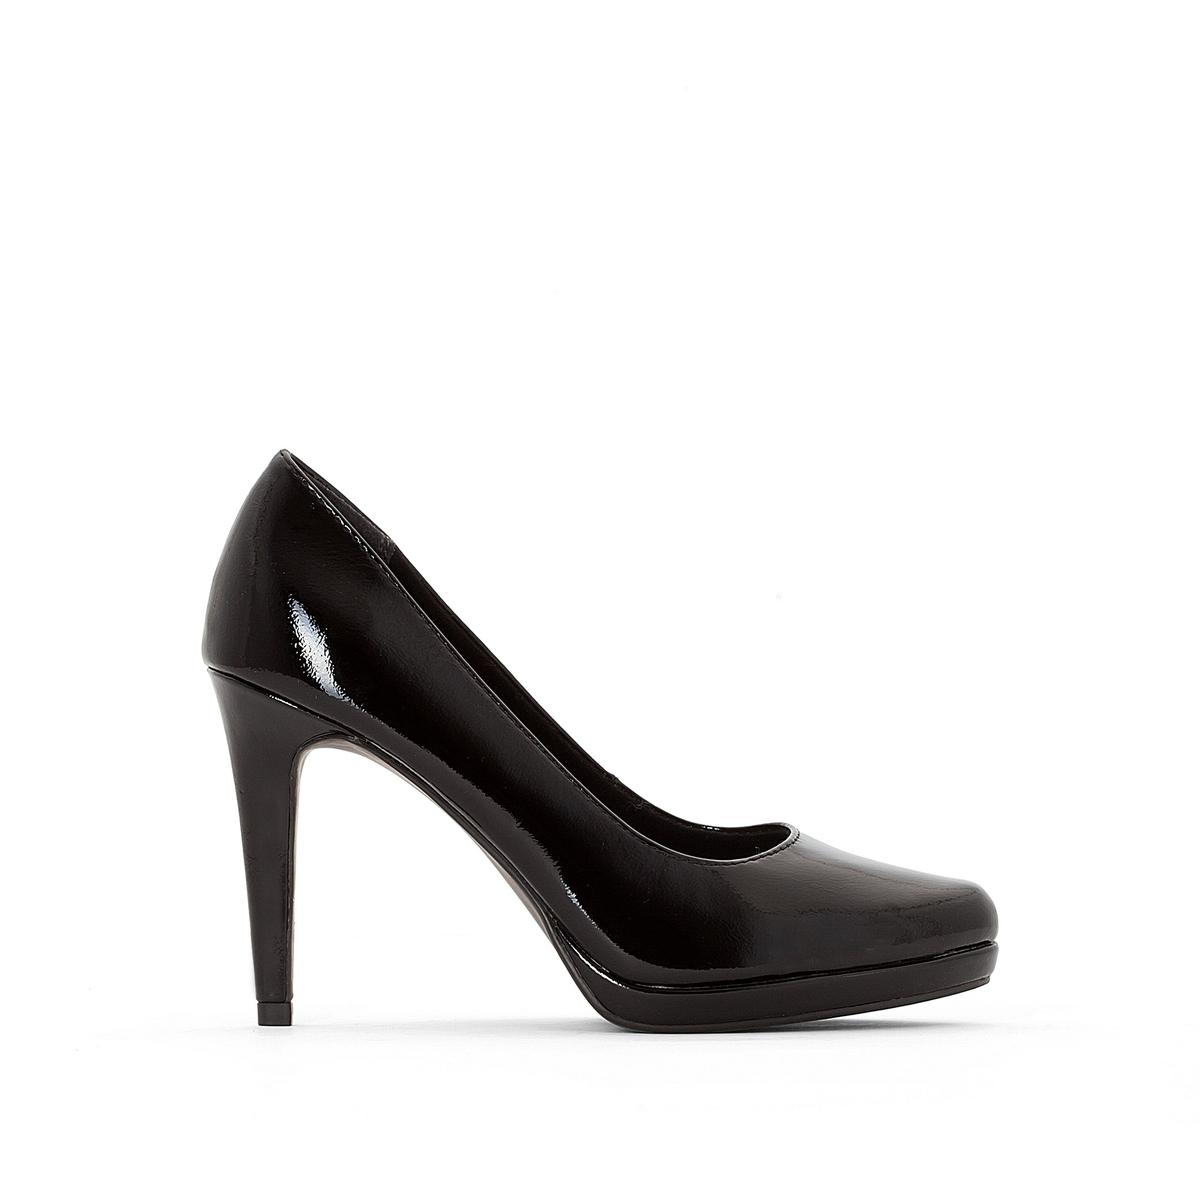 Туфли лакированные 22448-27Подкладка : текстиль   Стелька : синтетика   Подошва : синтетика   Высота каблука : 9,5 см   Форма каблука : шпилька   Мысок : закругленный   Застежка : без застежки<br><br>Цвет: Черный лак